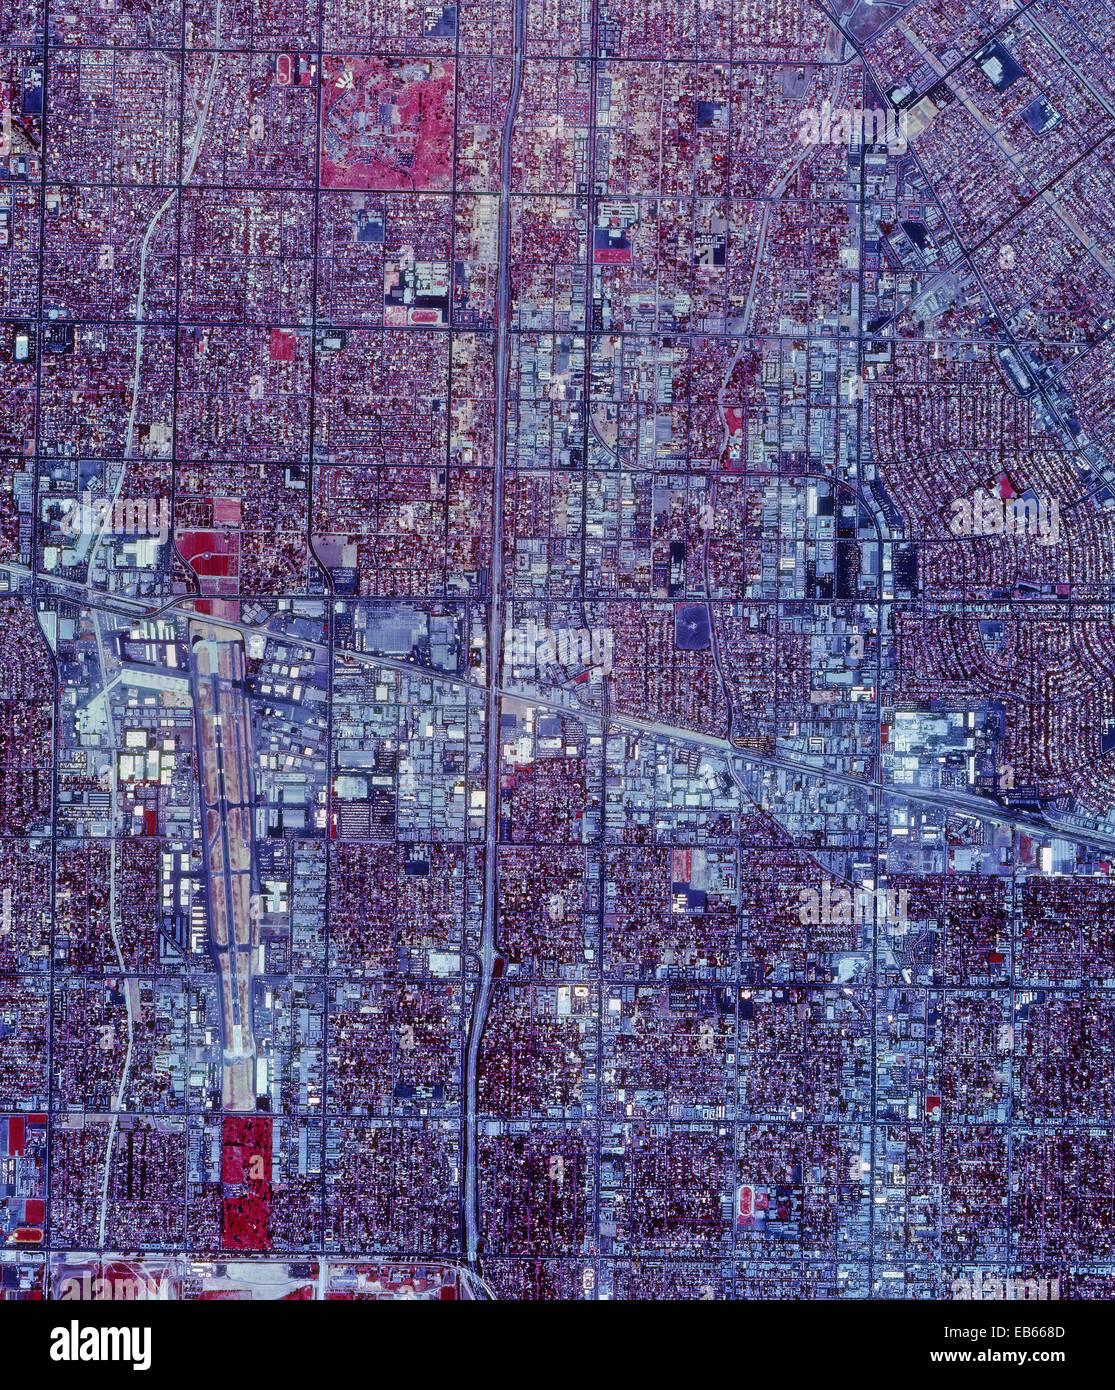 historische Infrarot-Luftaufnahme von Van Nuys, Kalifornien, USA, 1989 Stockbild